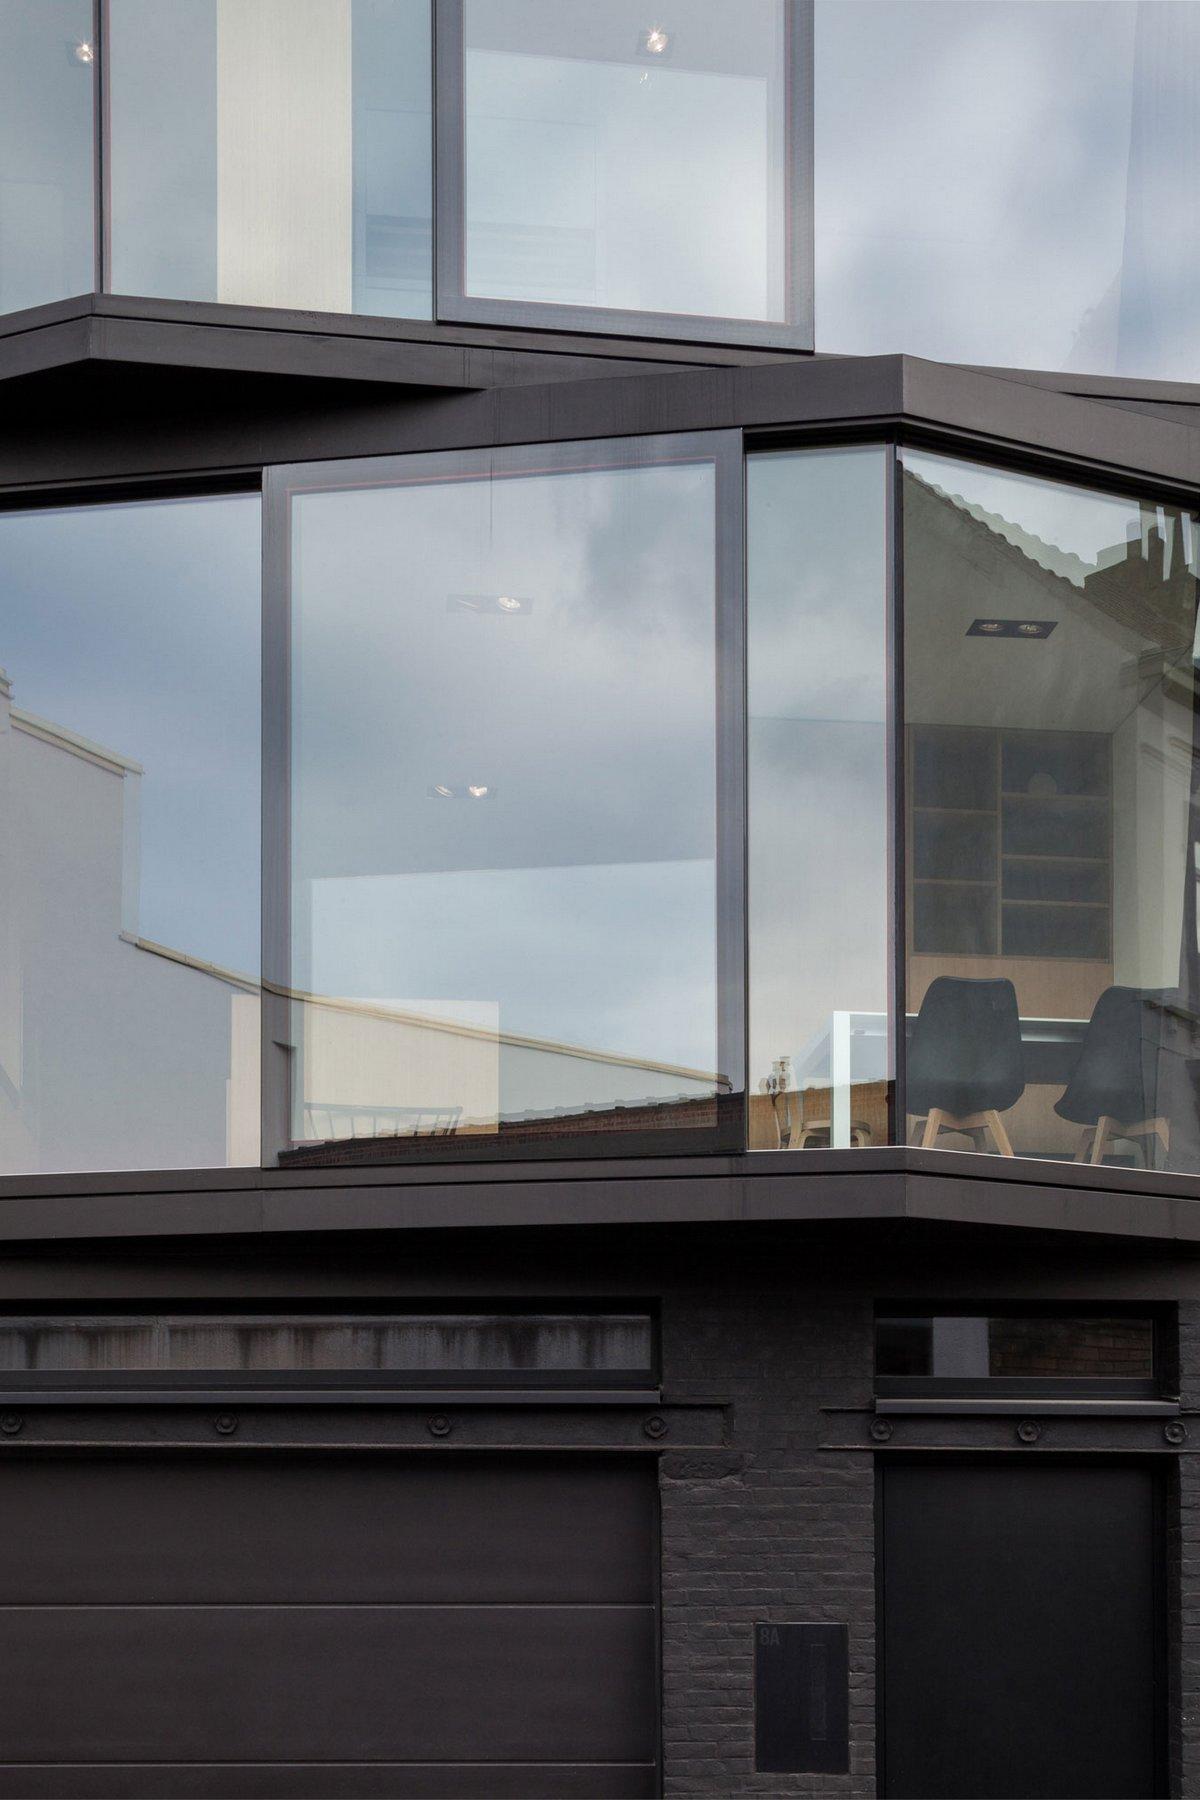 4-этажный дом с панорамными окнами